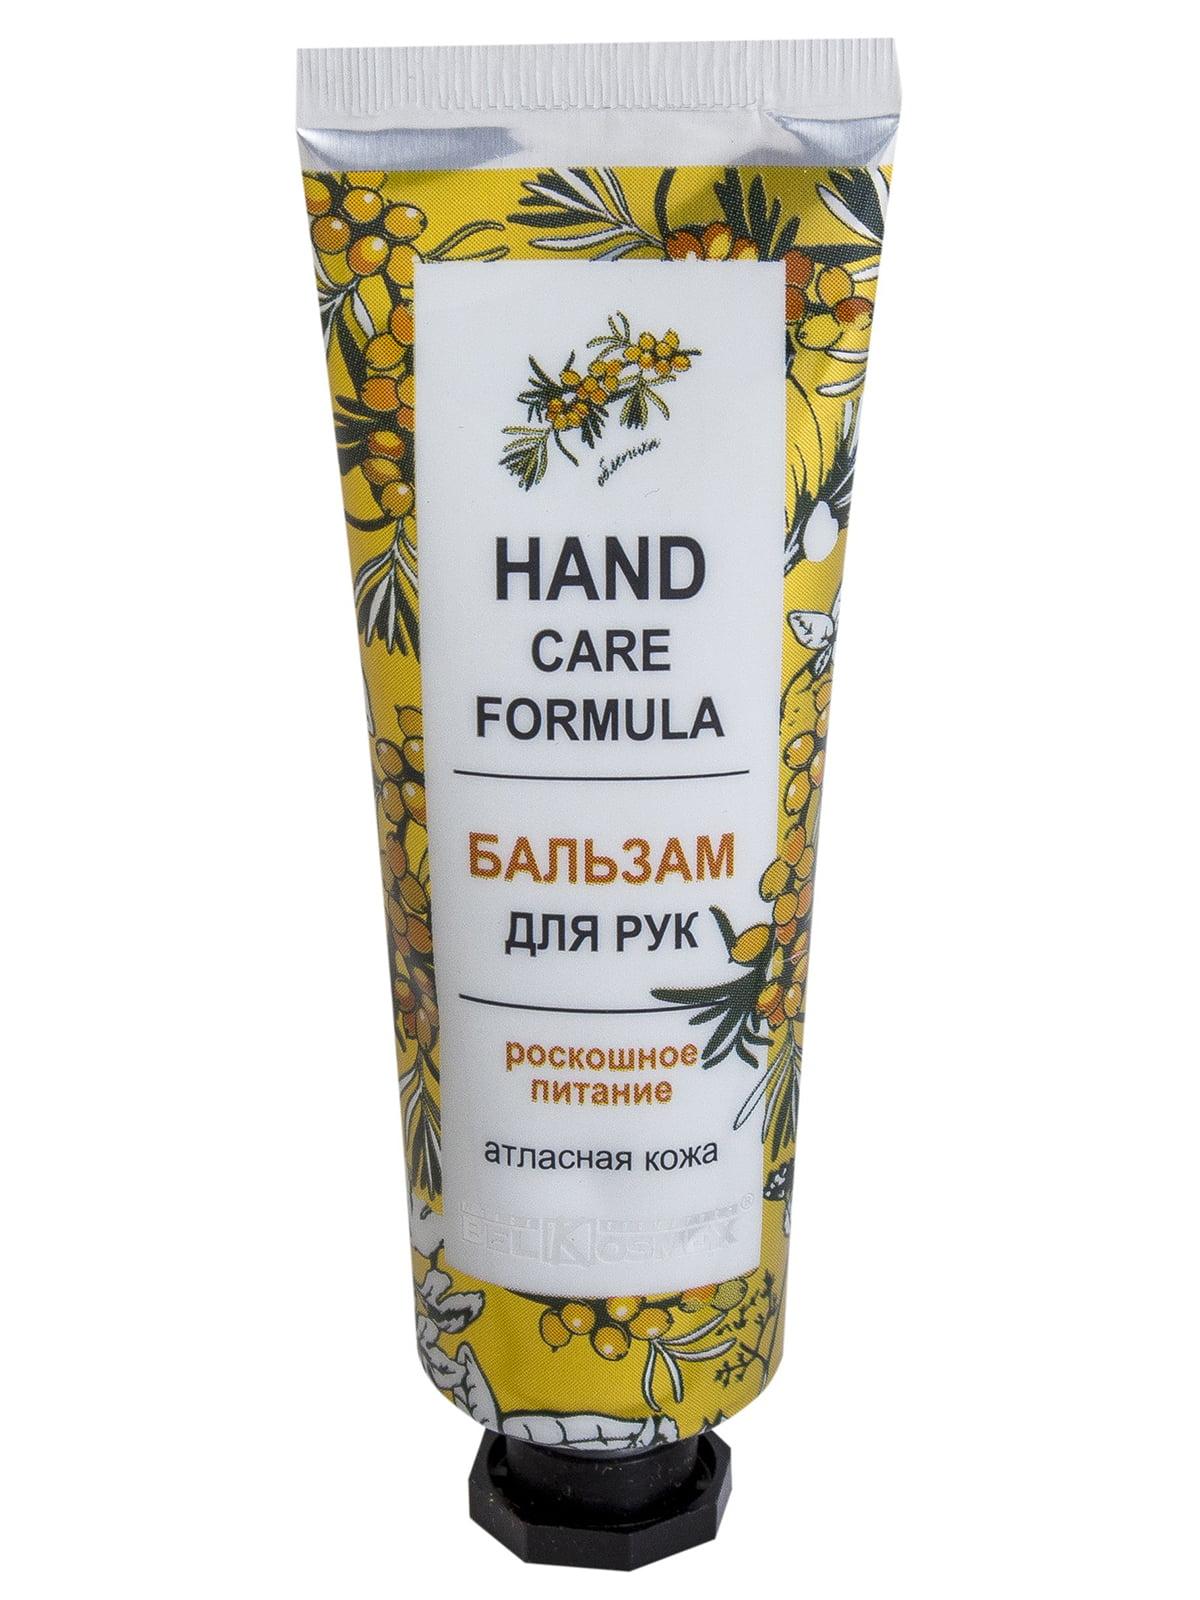 Бальзам для рук «Роскошное питание, атласная кожа» (30 мл)   4776291